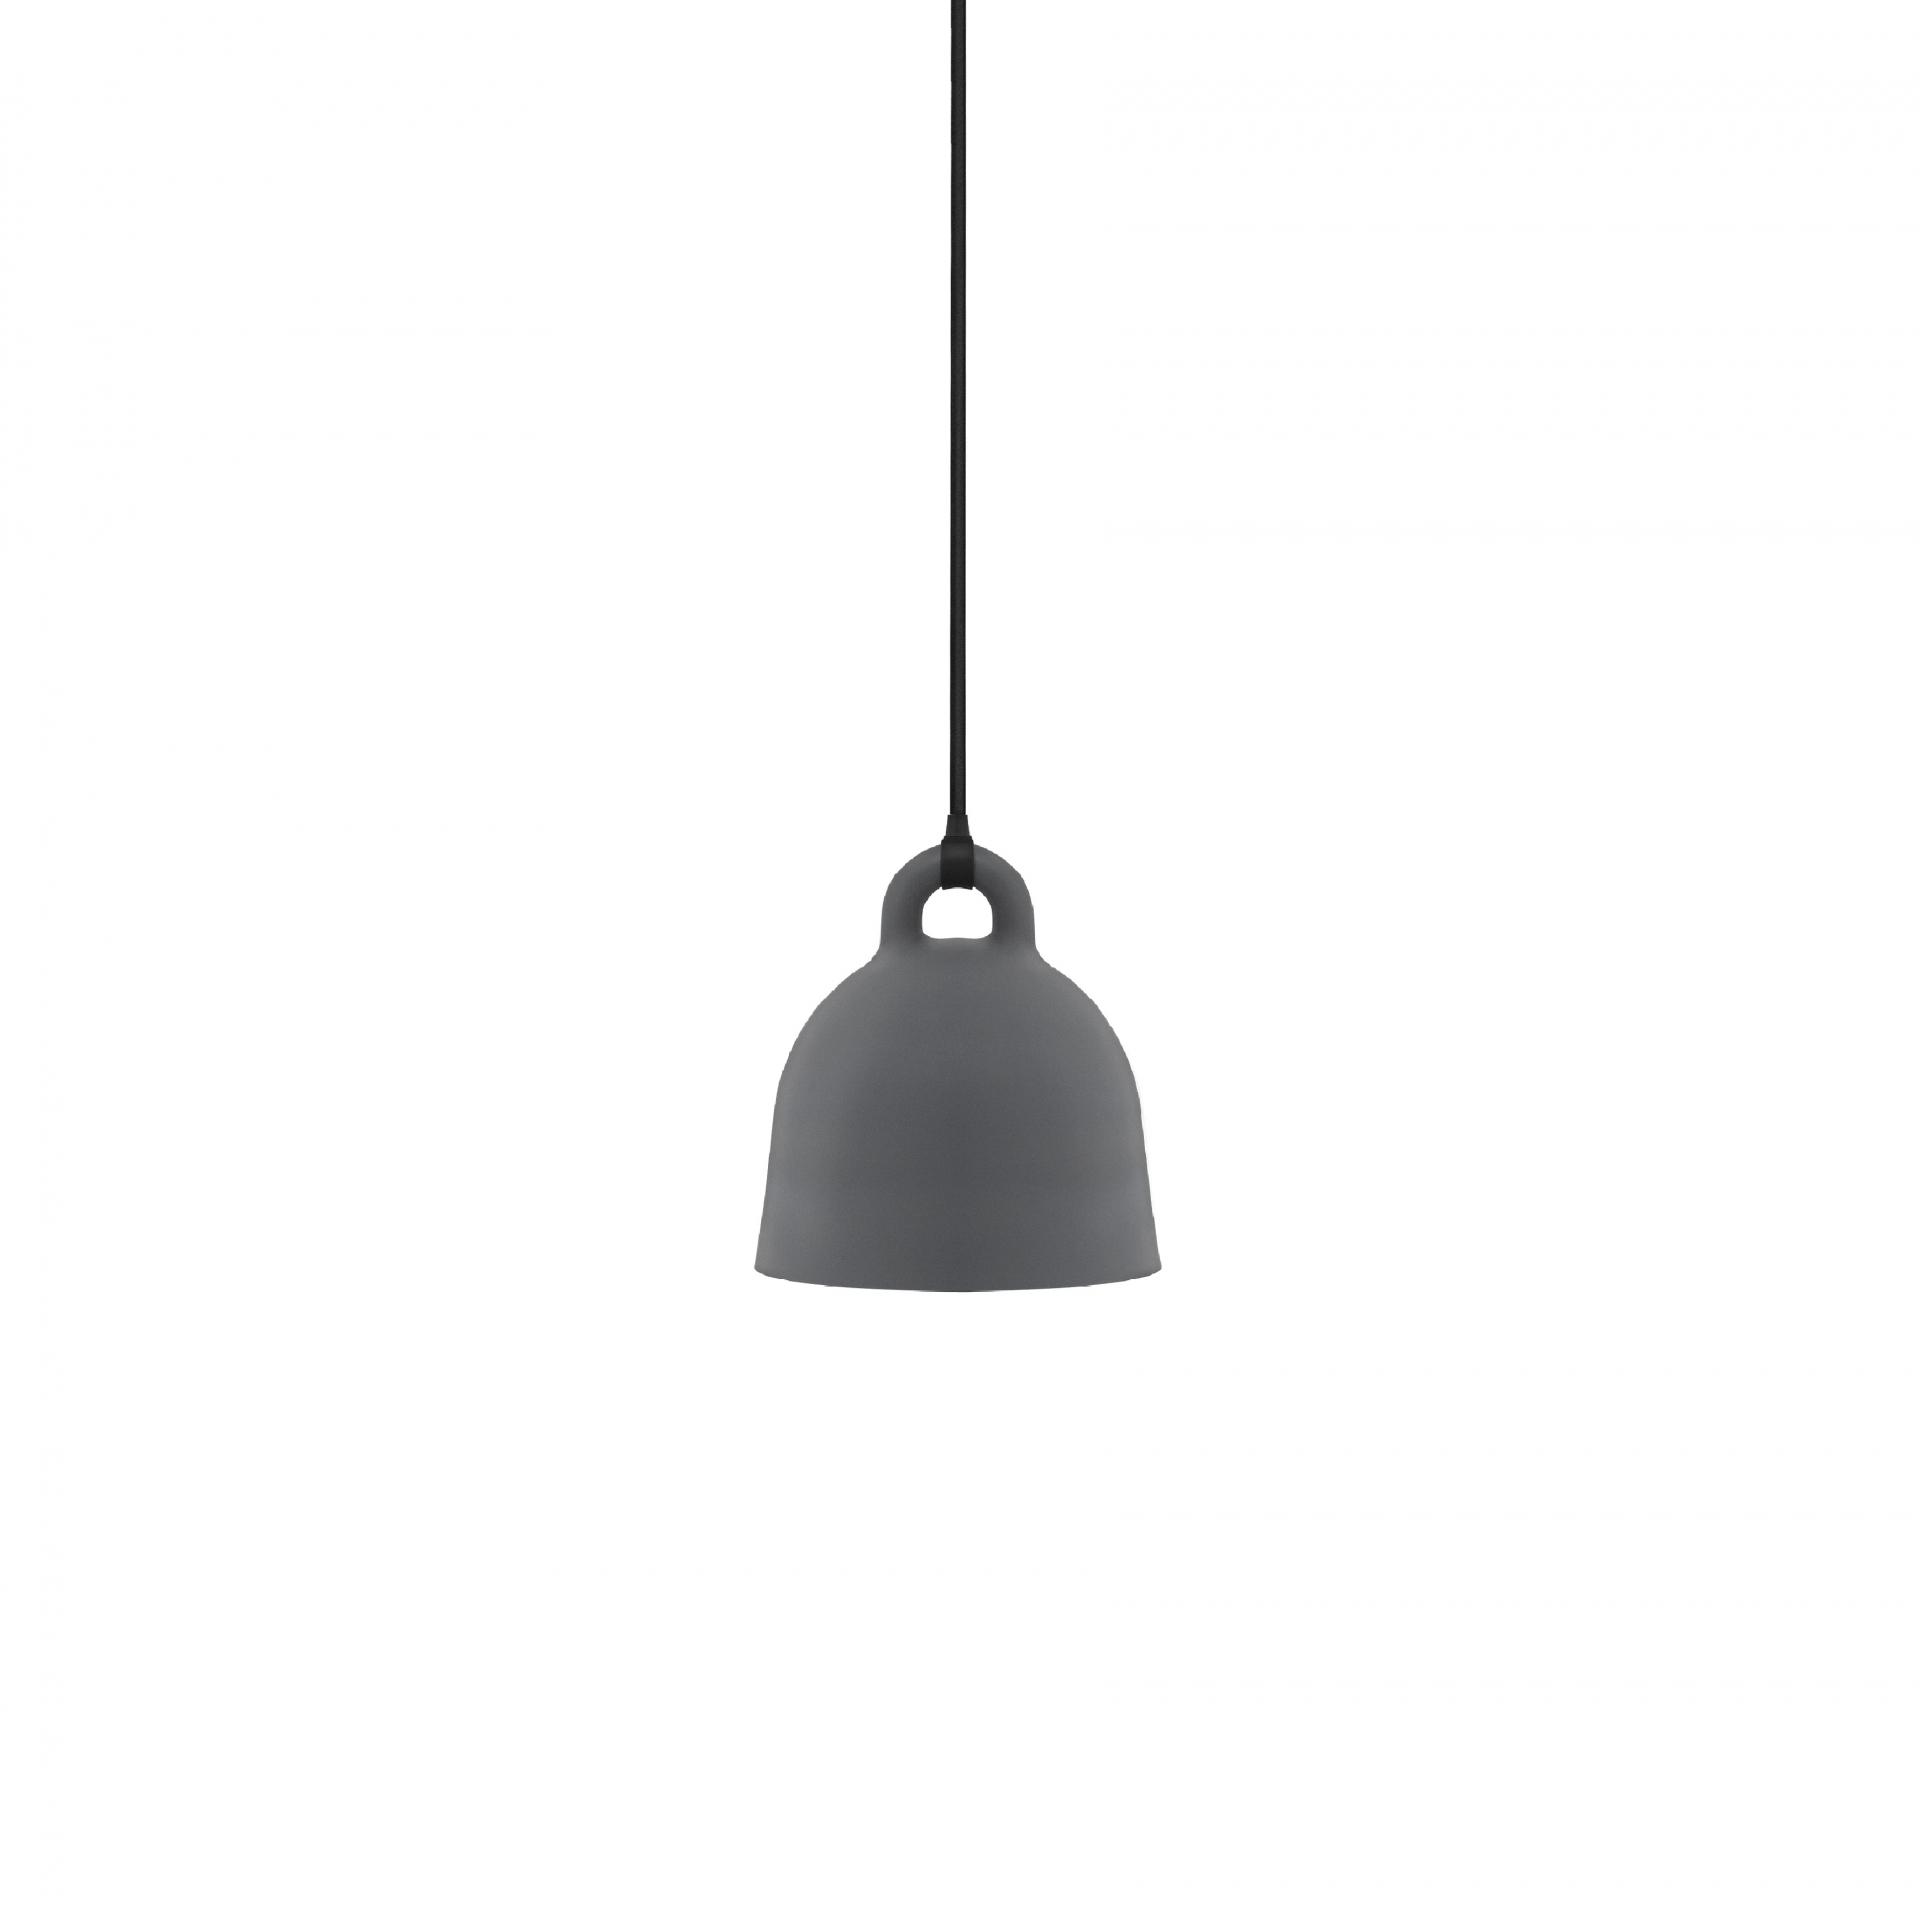 Výprodej Normann Copenhagen designové závěsná svítidla Bell Lamp (šedá, x-small)